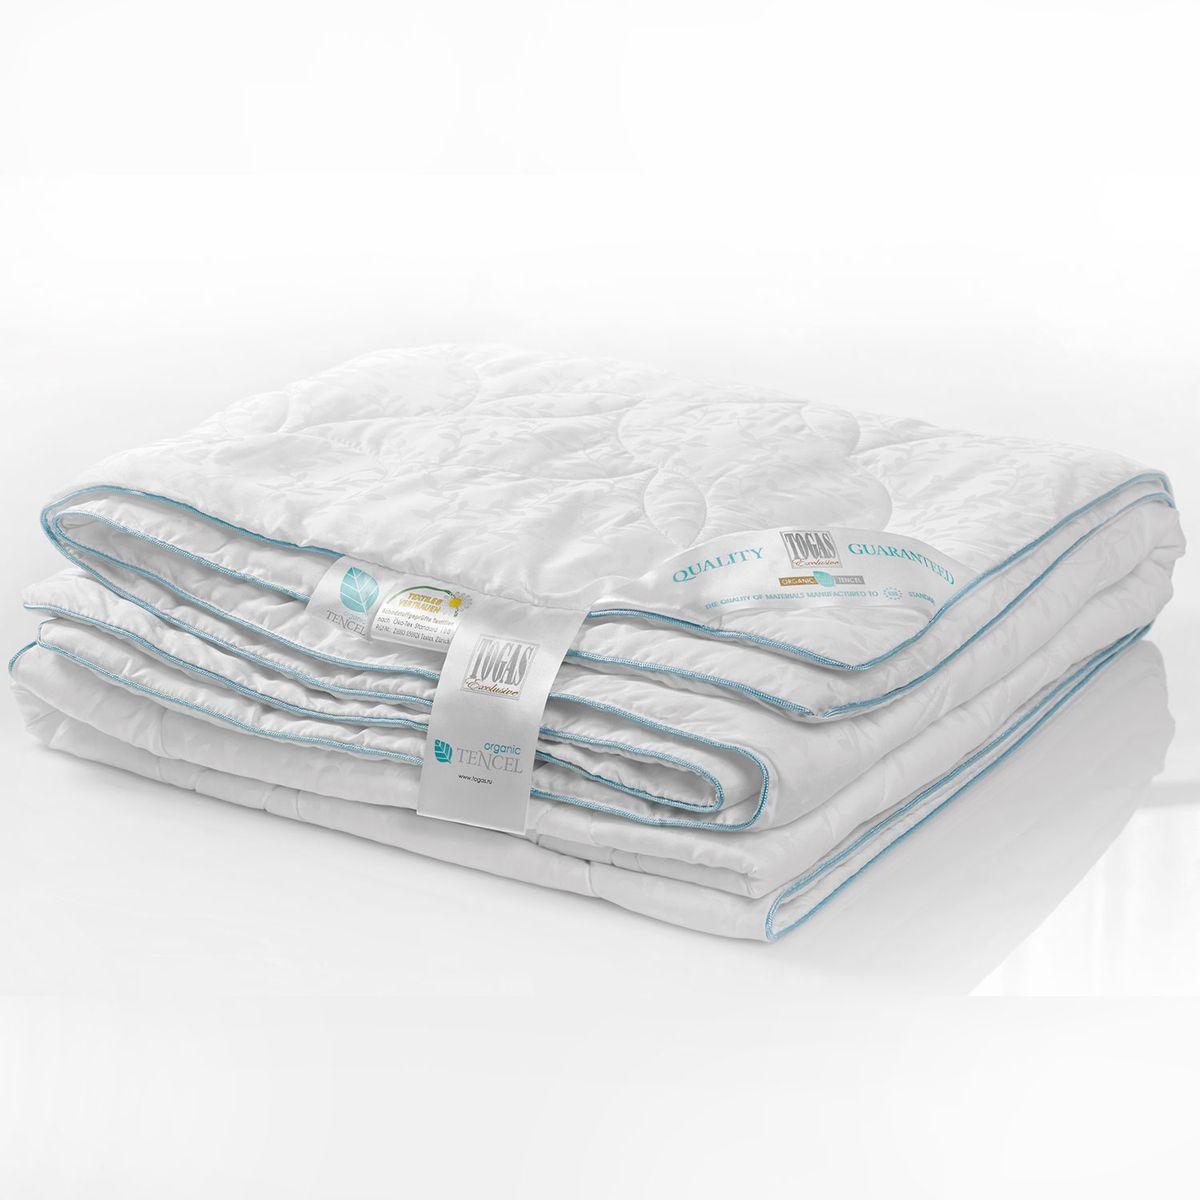 Одеяло Органик тенсель эвкалиптовое волокно в ткани тенсель, 200 х 210 см. 20.04.12.0059 - Одеяла